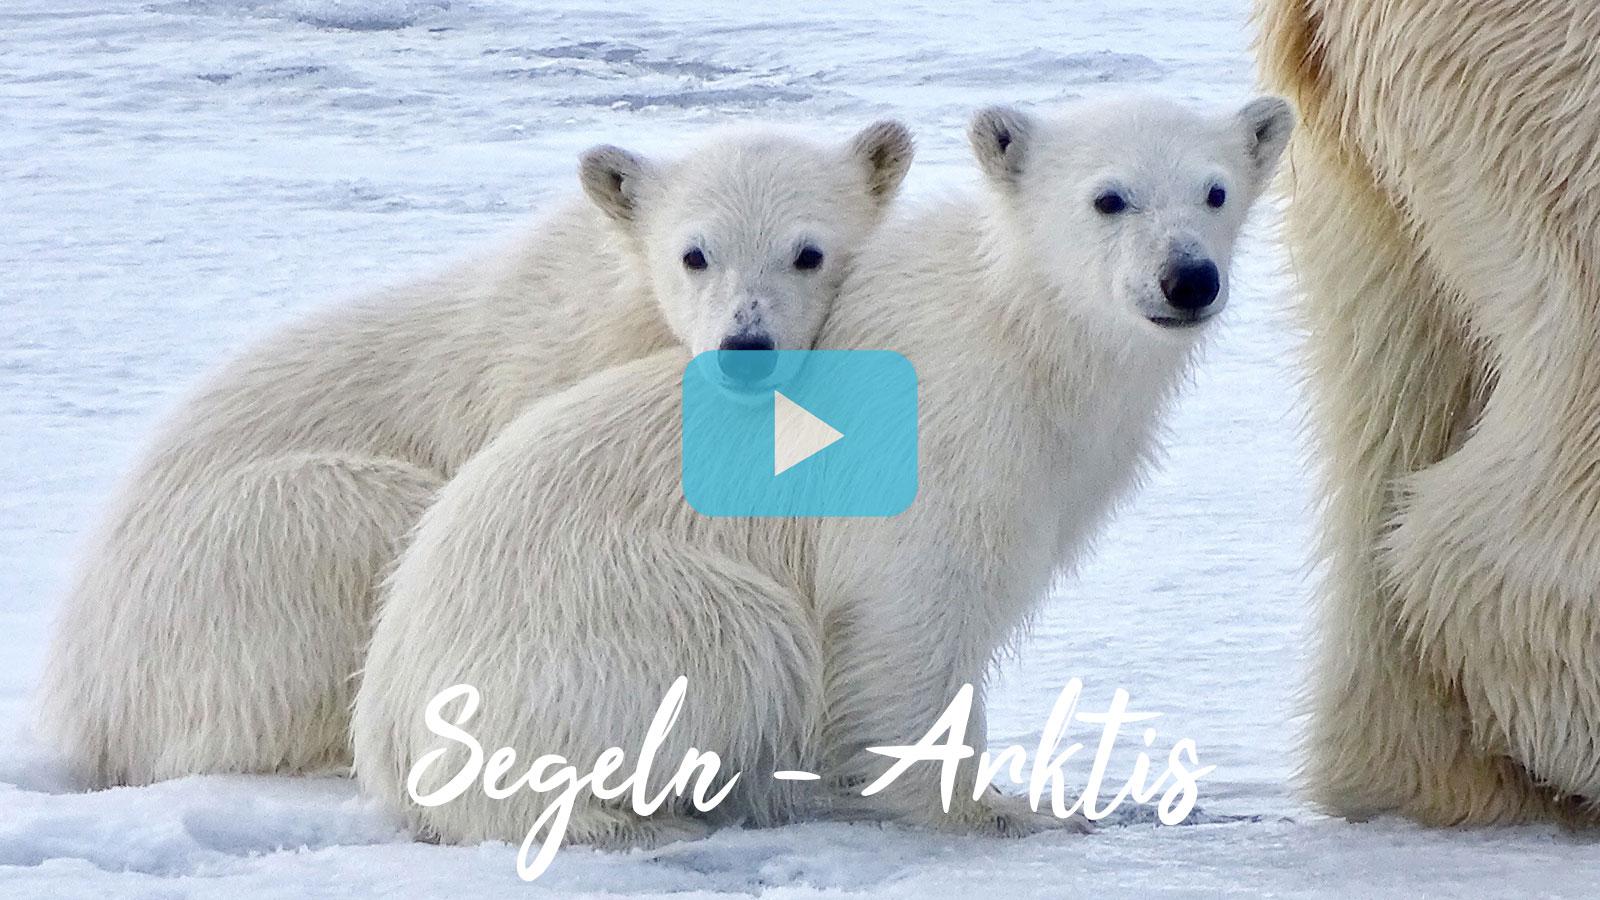 Segelreisen Polarregionen